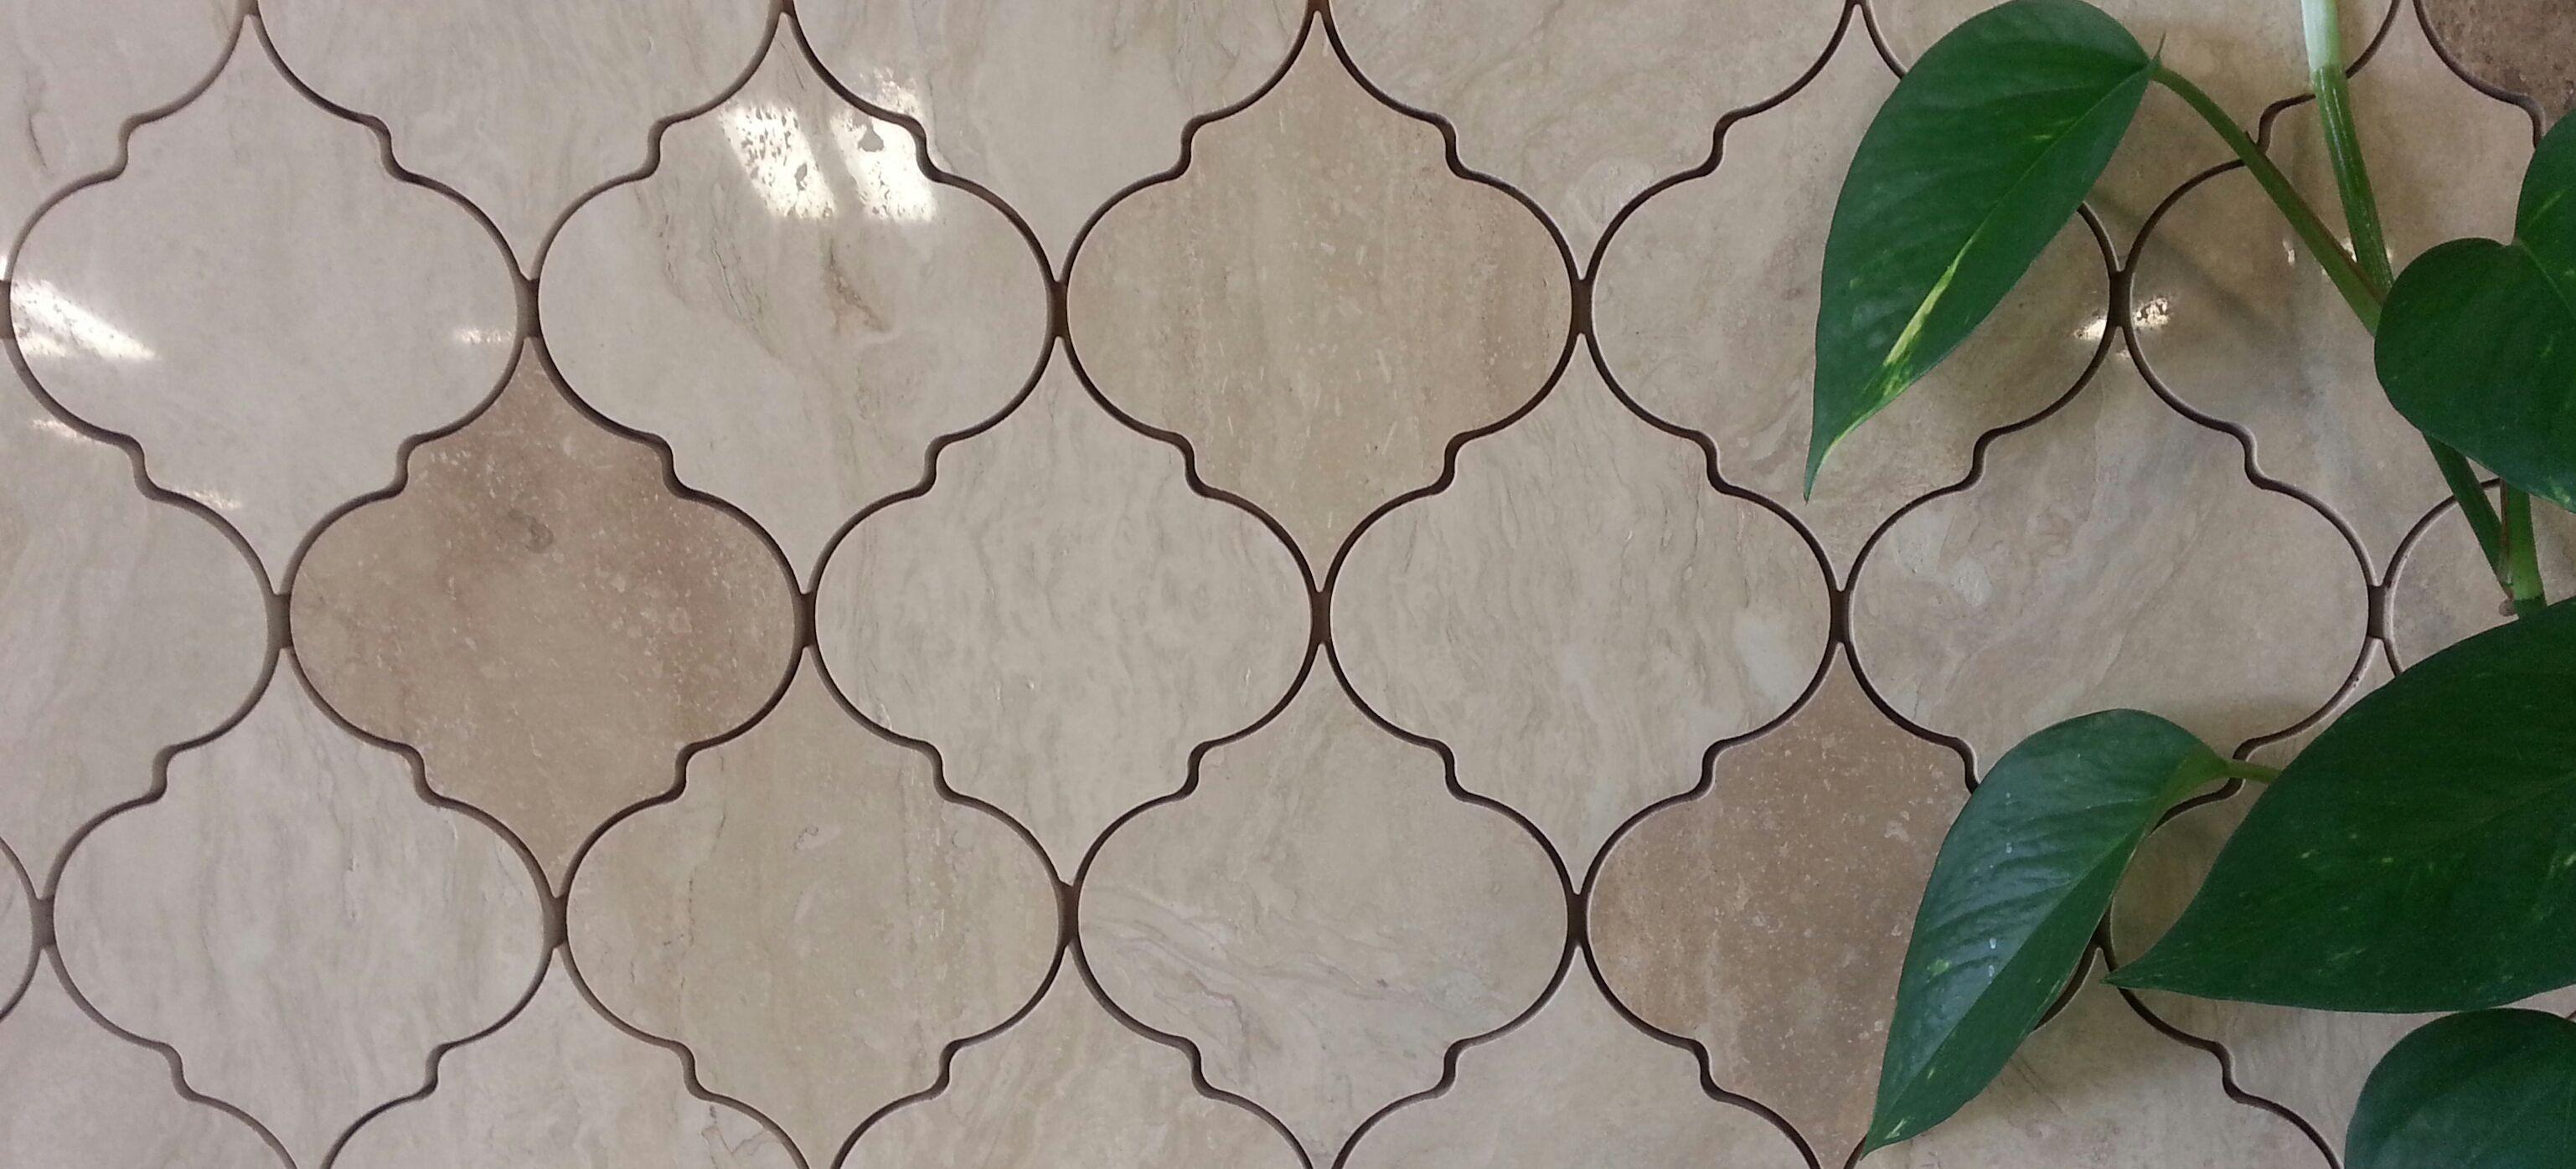 Arabesque Tile Pattern A Water Jet Design Of Polished Travertine Arabesque Tile Waterjet Designs Tile Patterns